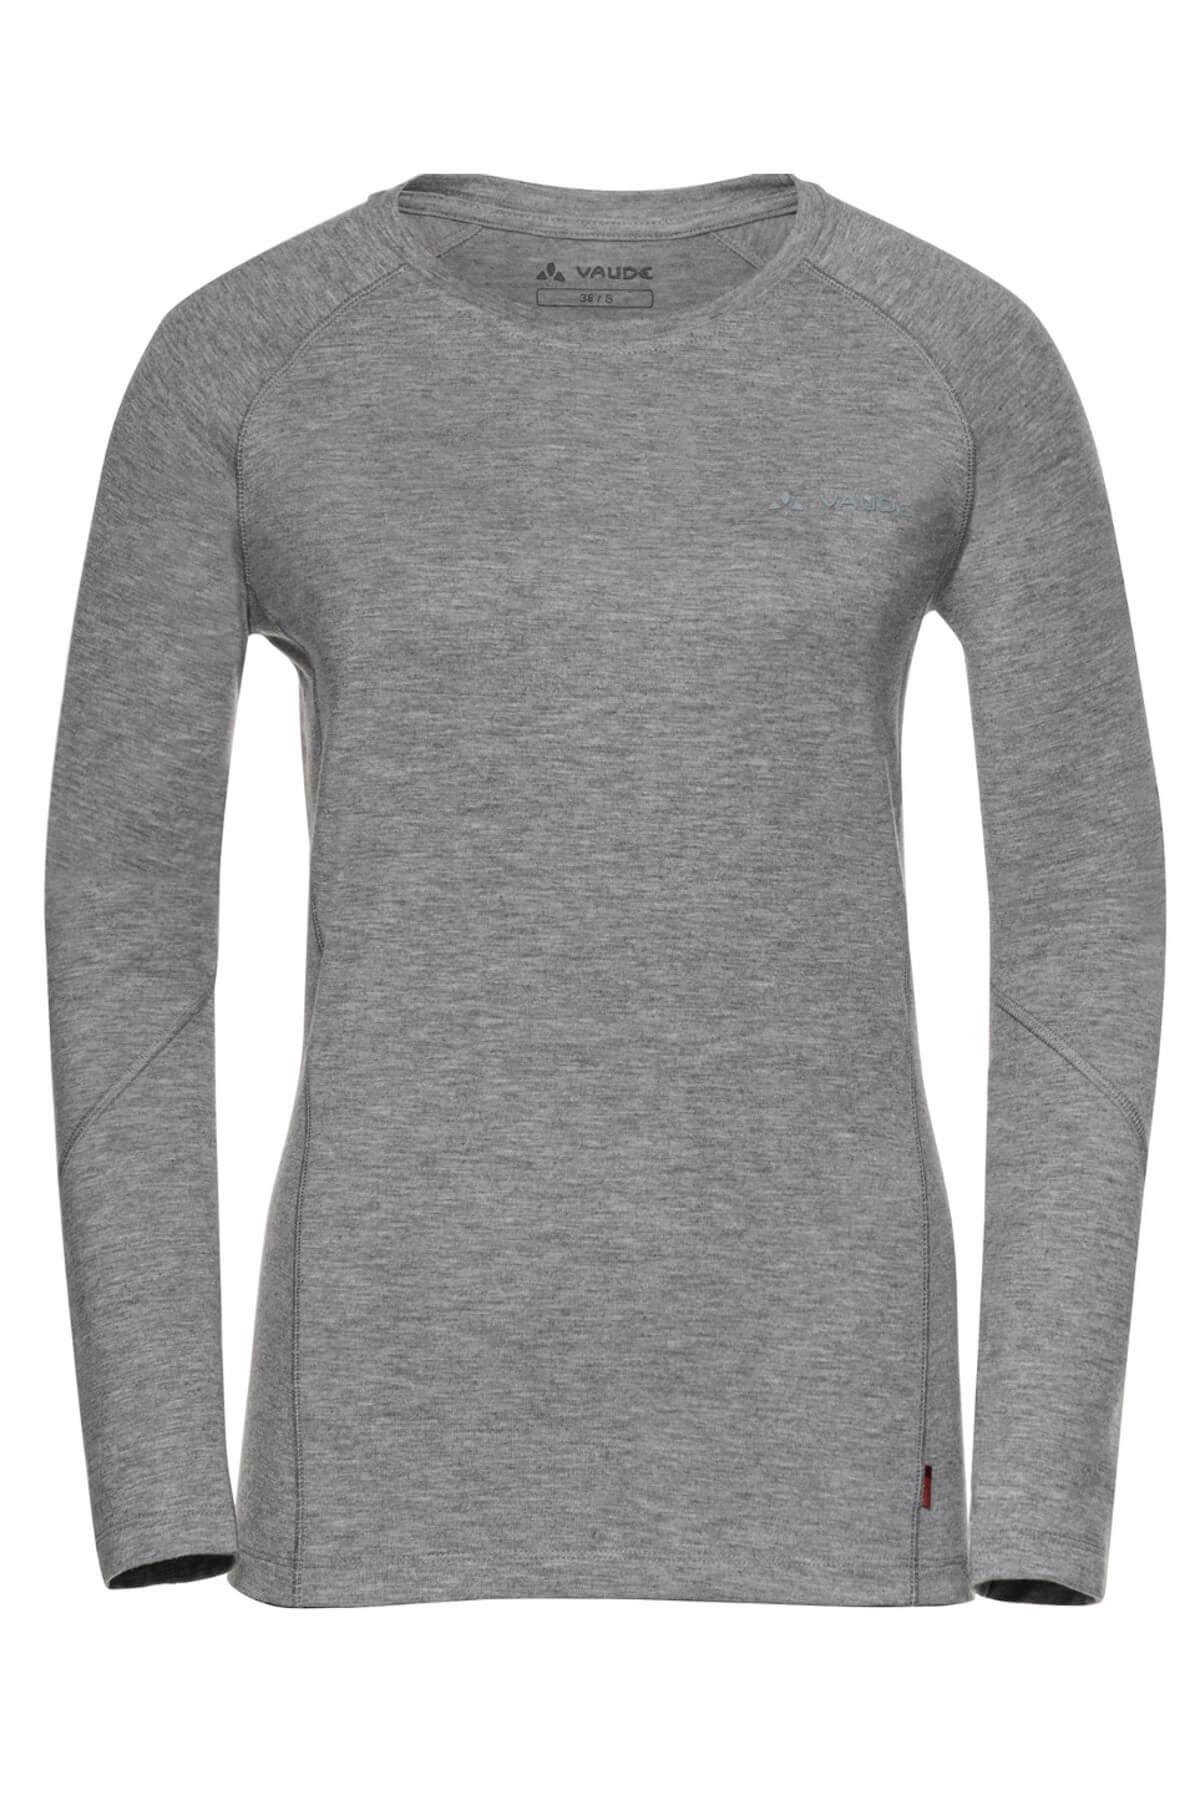 VAUDE Signpost Kadın Sweatshirt 1